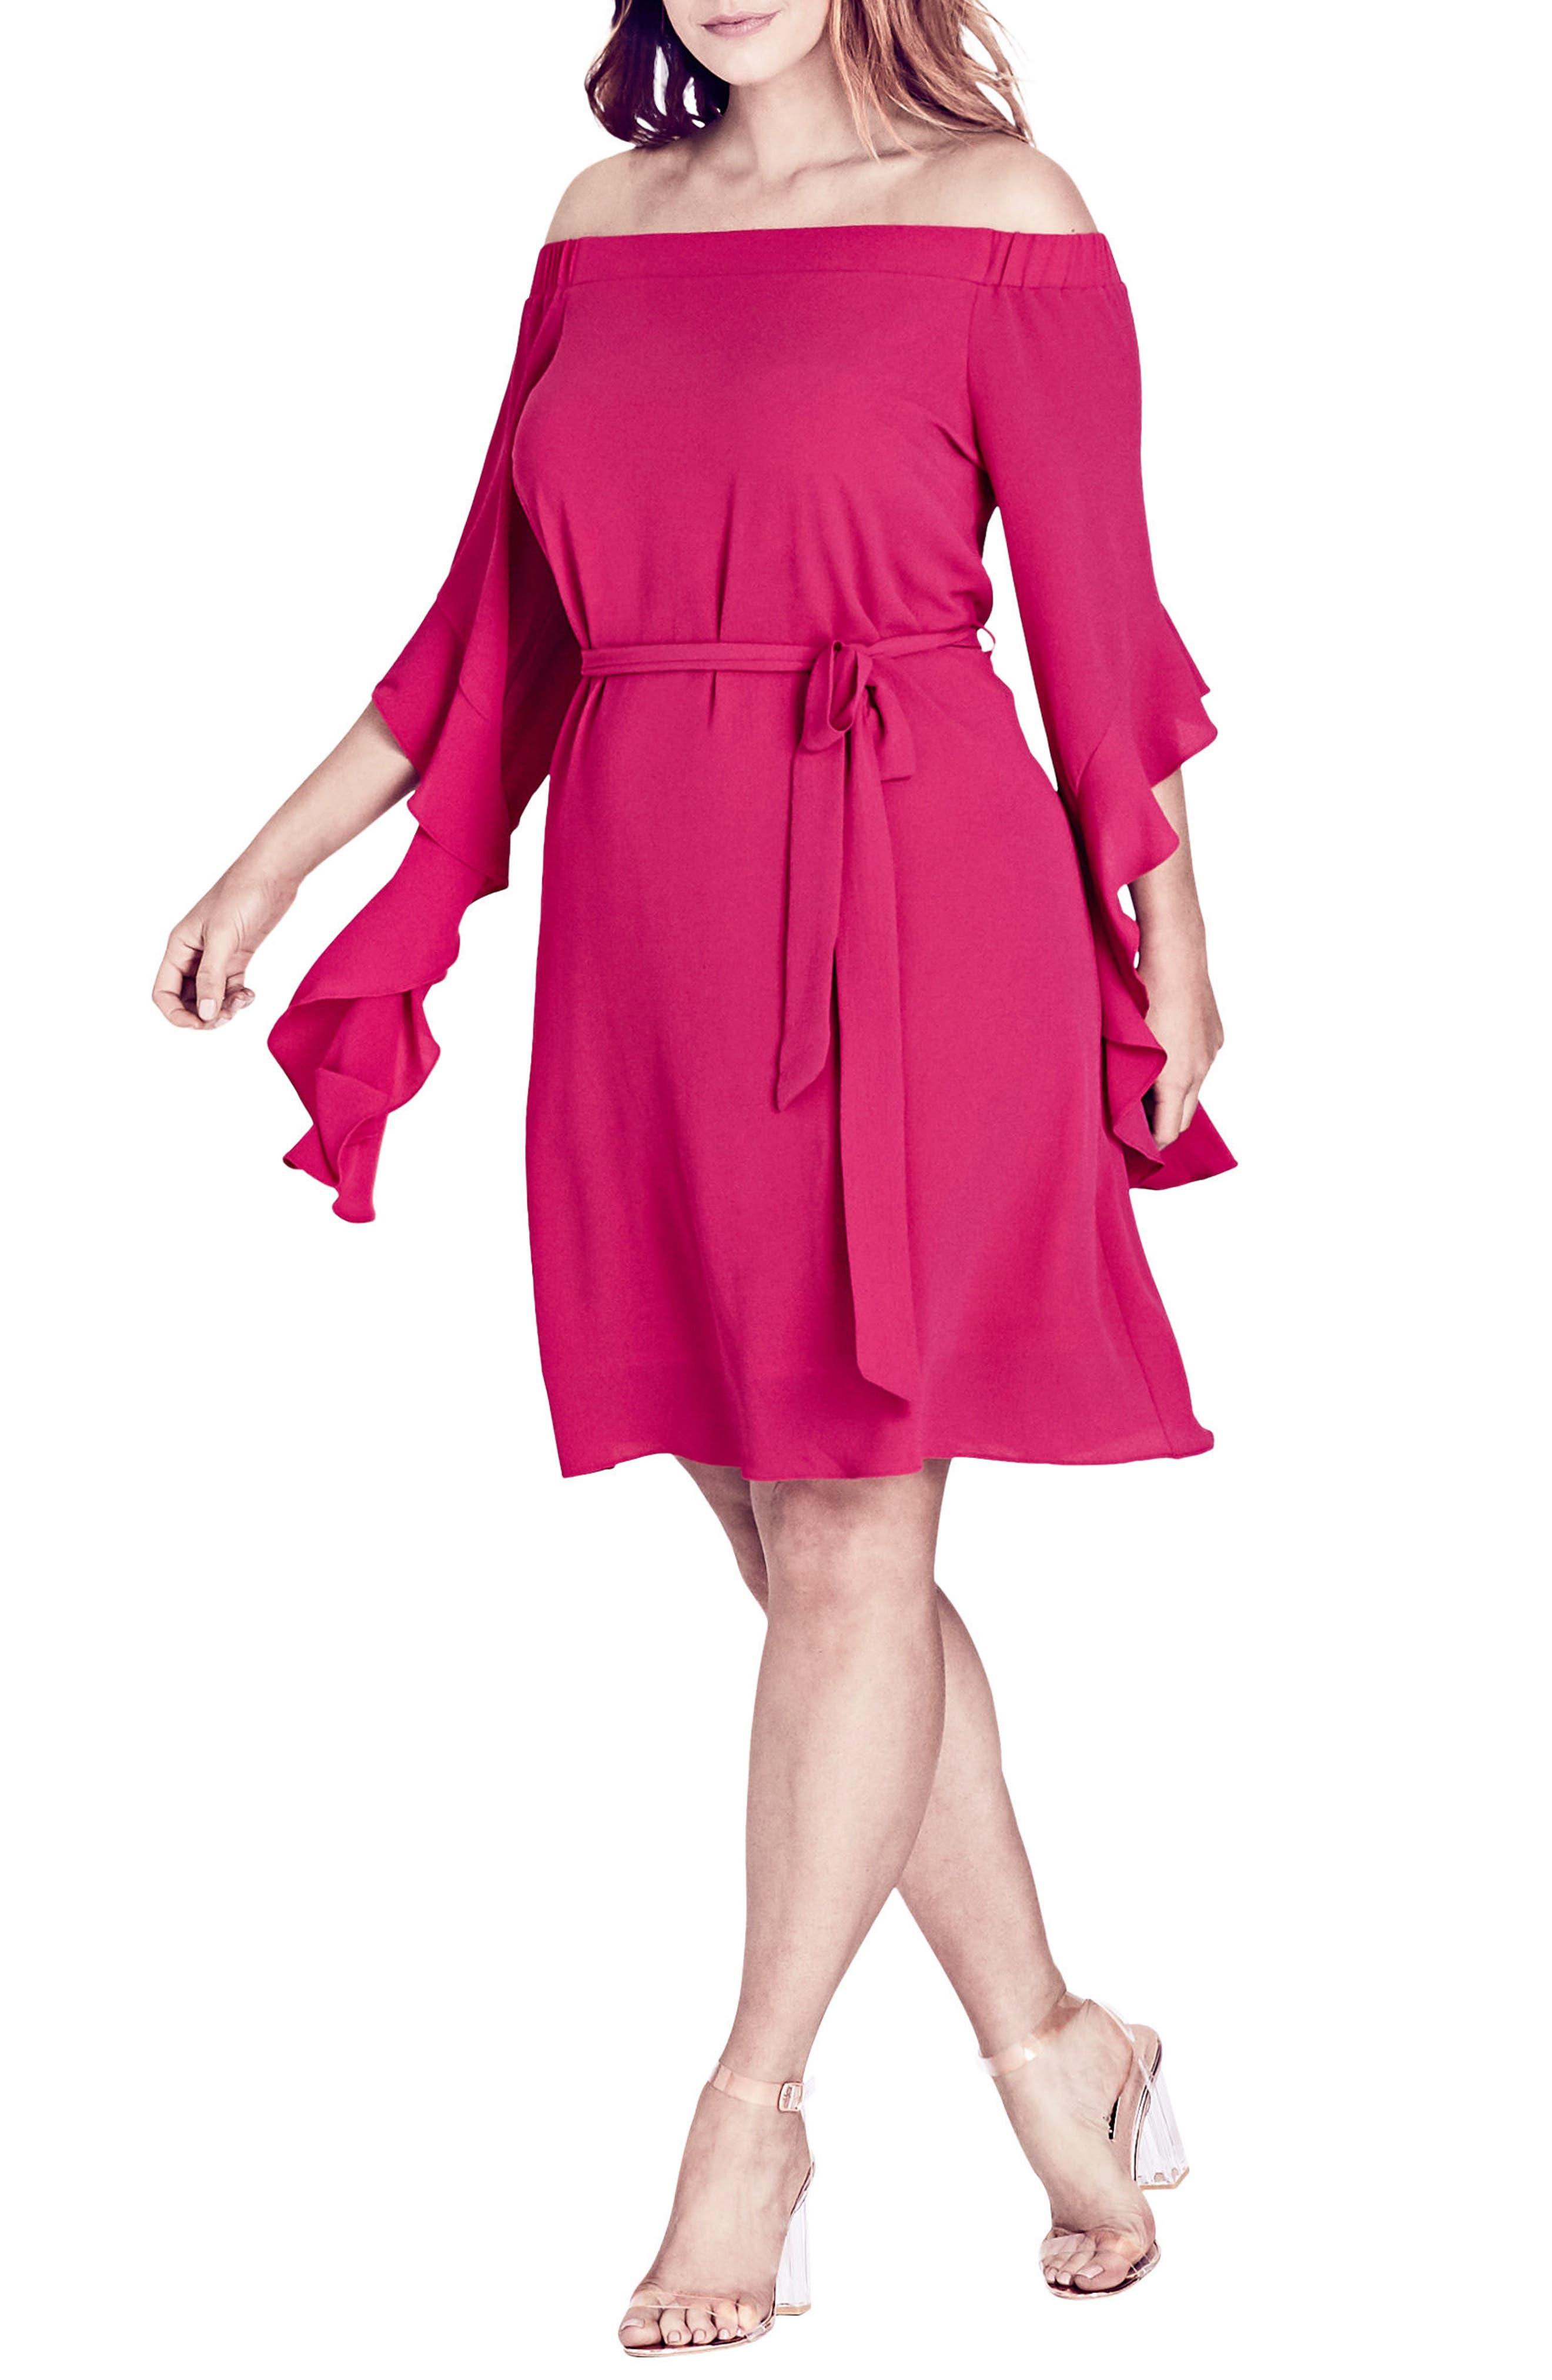 Main Image - City Chic Juliet Off the Shoulder Dress (Plus Size)